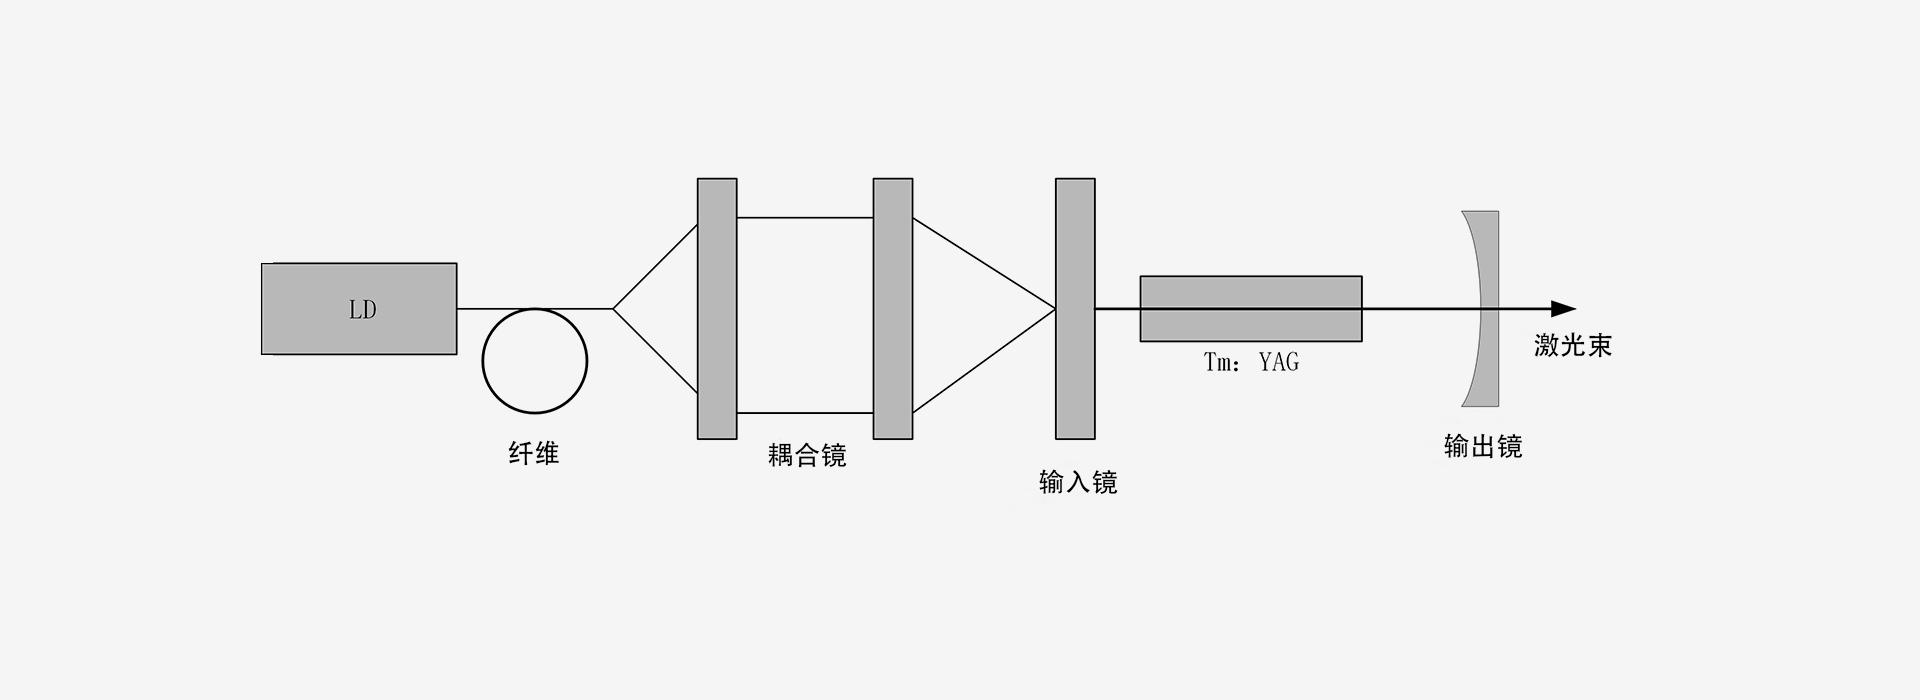 2000nm-激光器原理图-南京光宝-CRYLINK